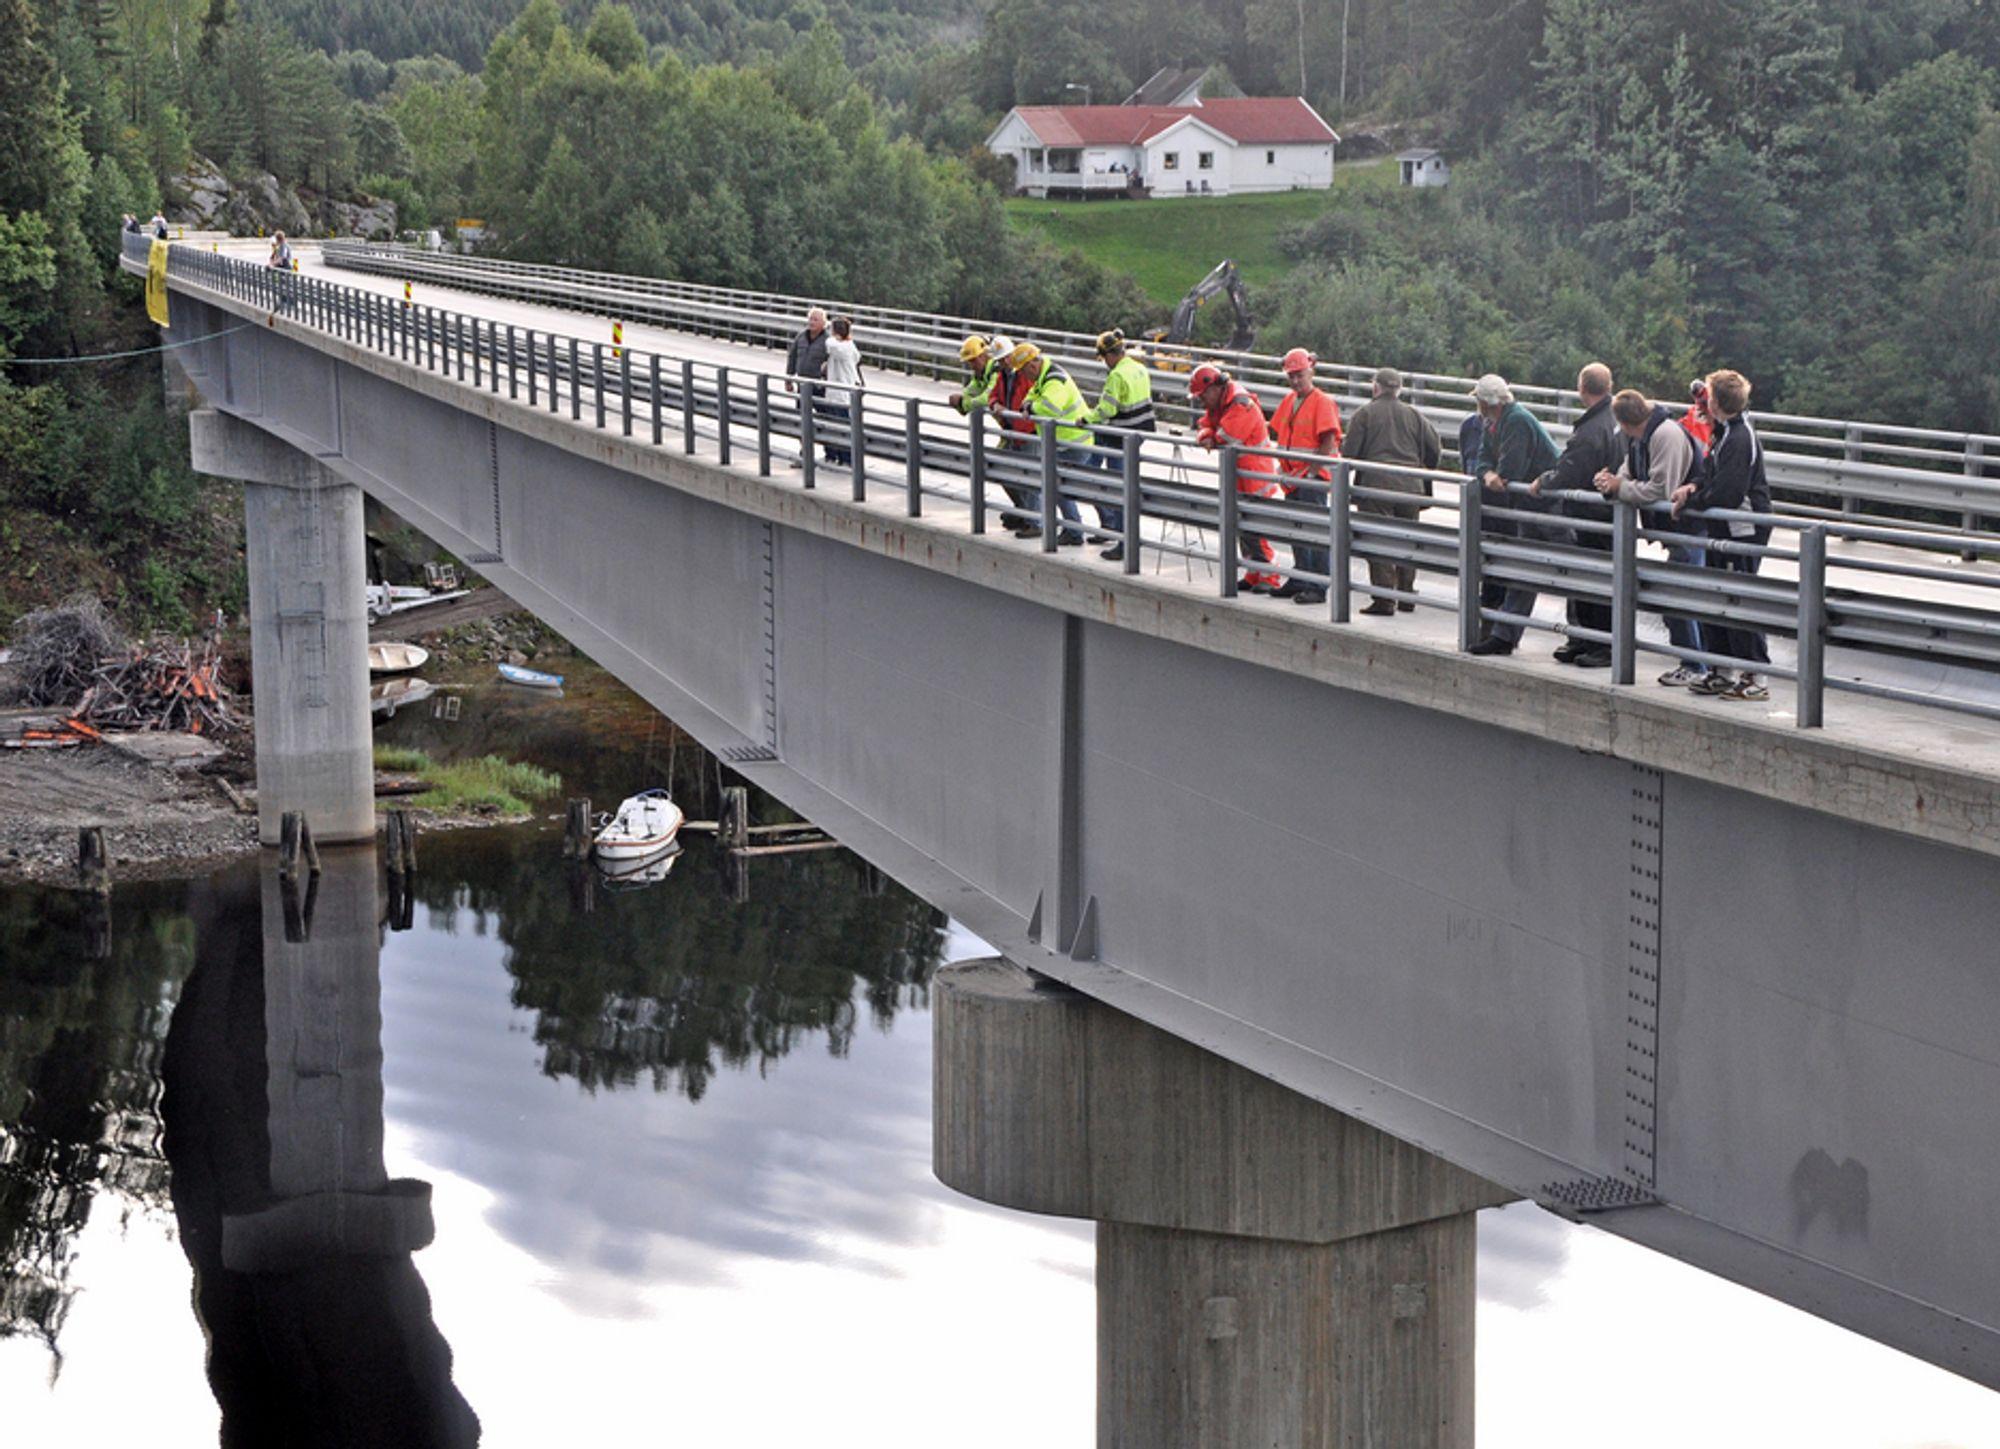 På denne siden av brua skal det monteres en gangbane. Bildet er tatt i august i fjor. De som står på brua, følger med på forberedelsene til å rive hengebrua som sto ved siden av.